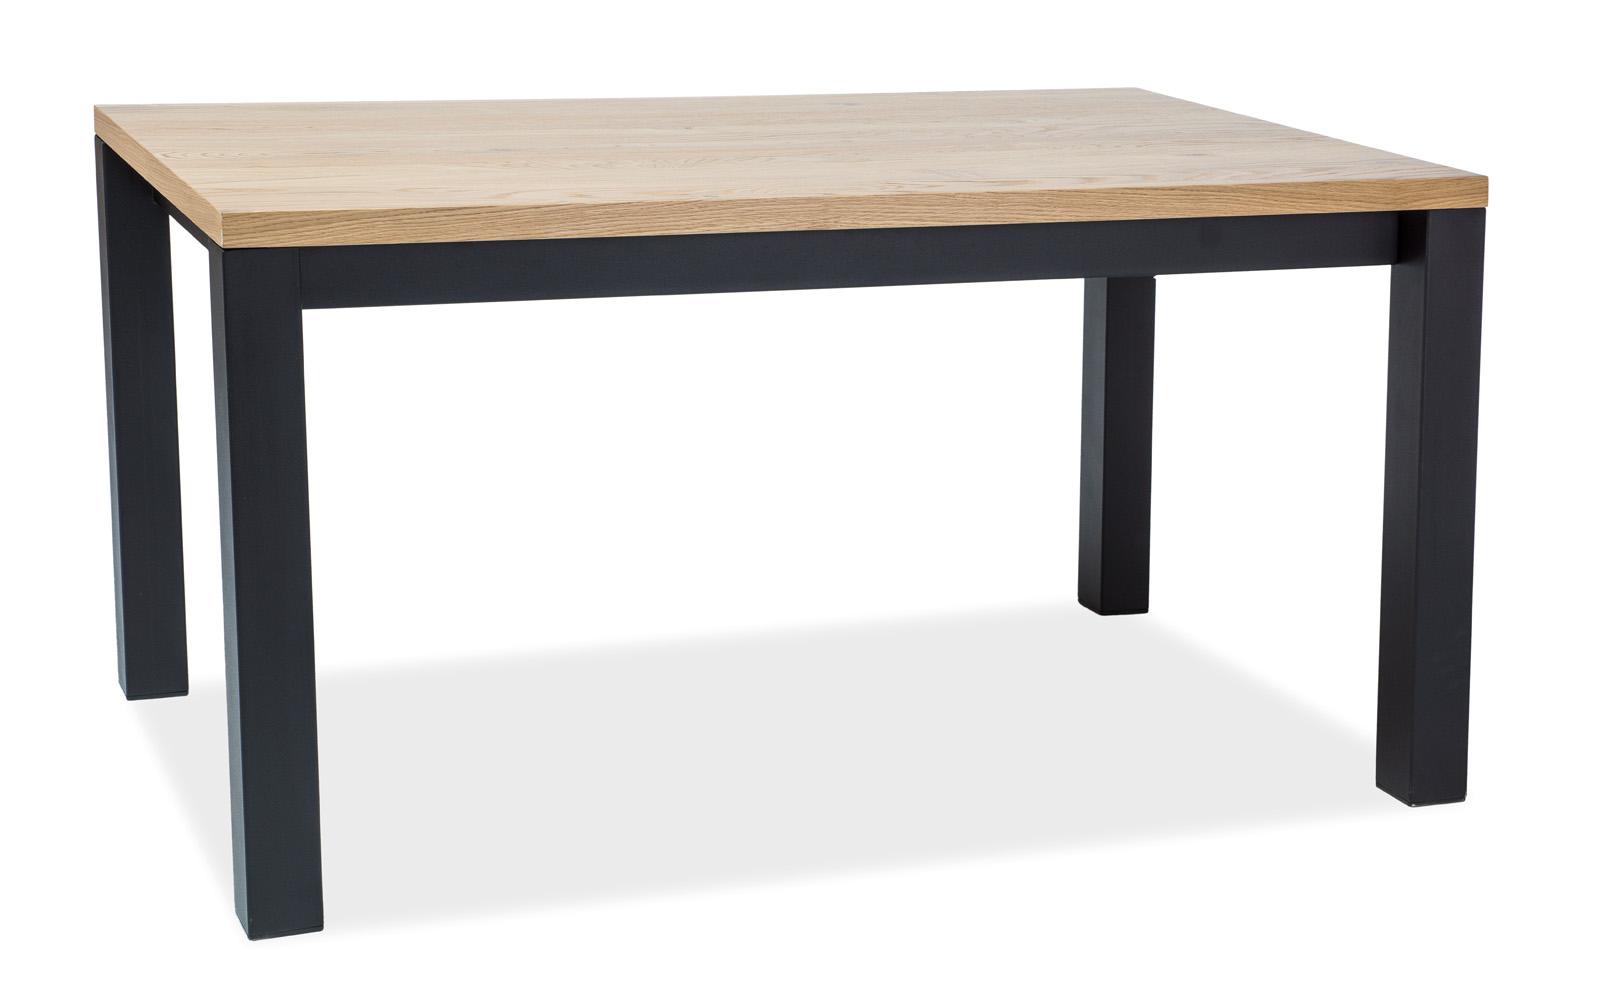 Signal Jedálenský stôl Imperial / Dubová dýha Prevedenie: 77 x 90 x 180 cm